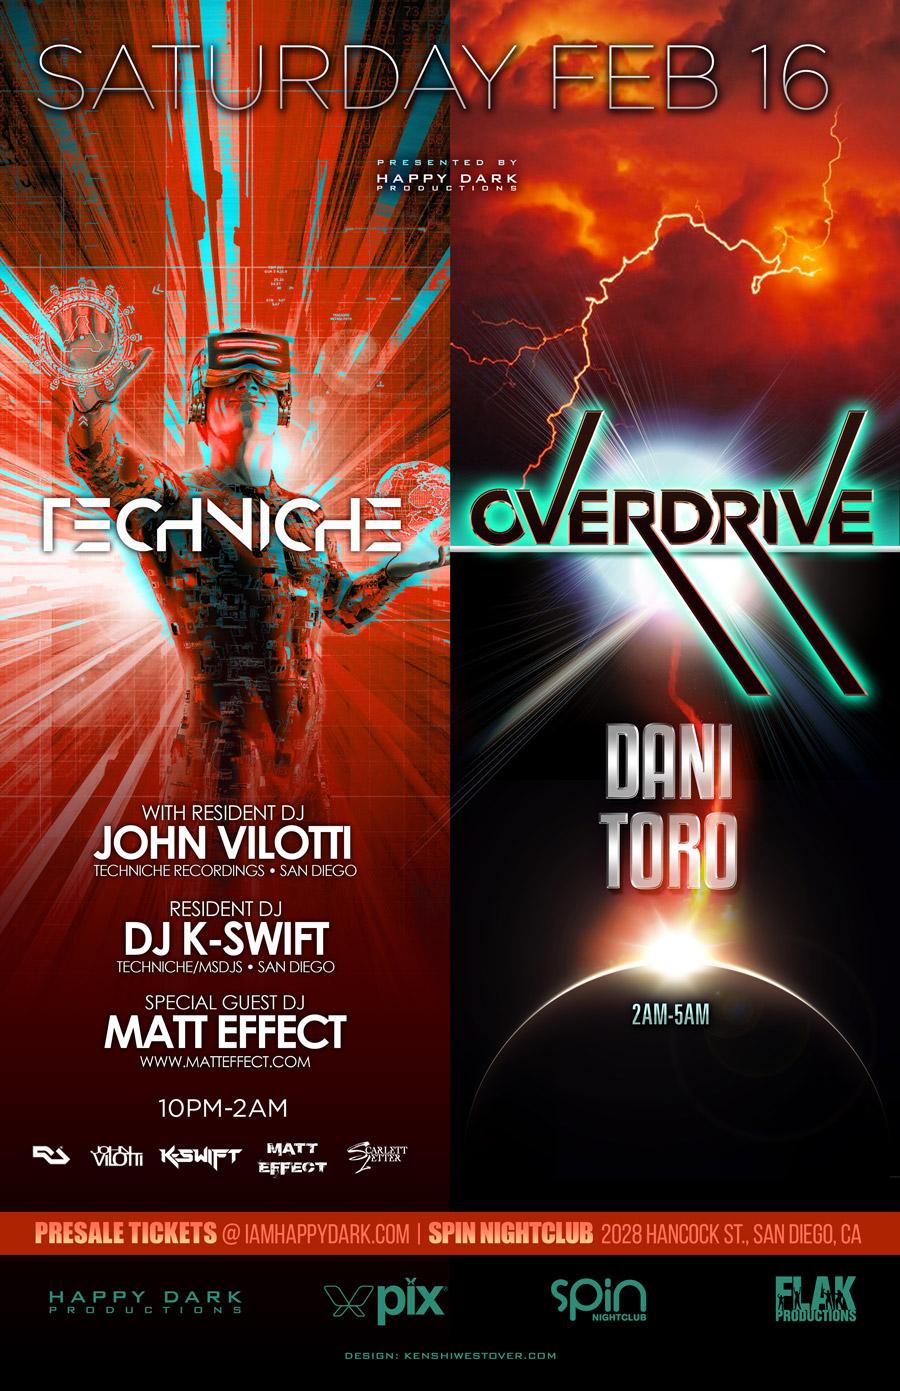 Overdrive with Dani Toro + Techniche